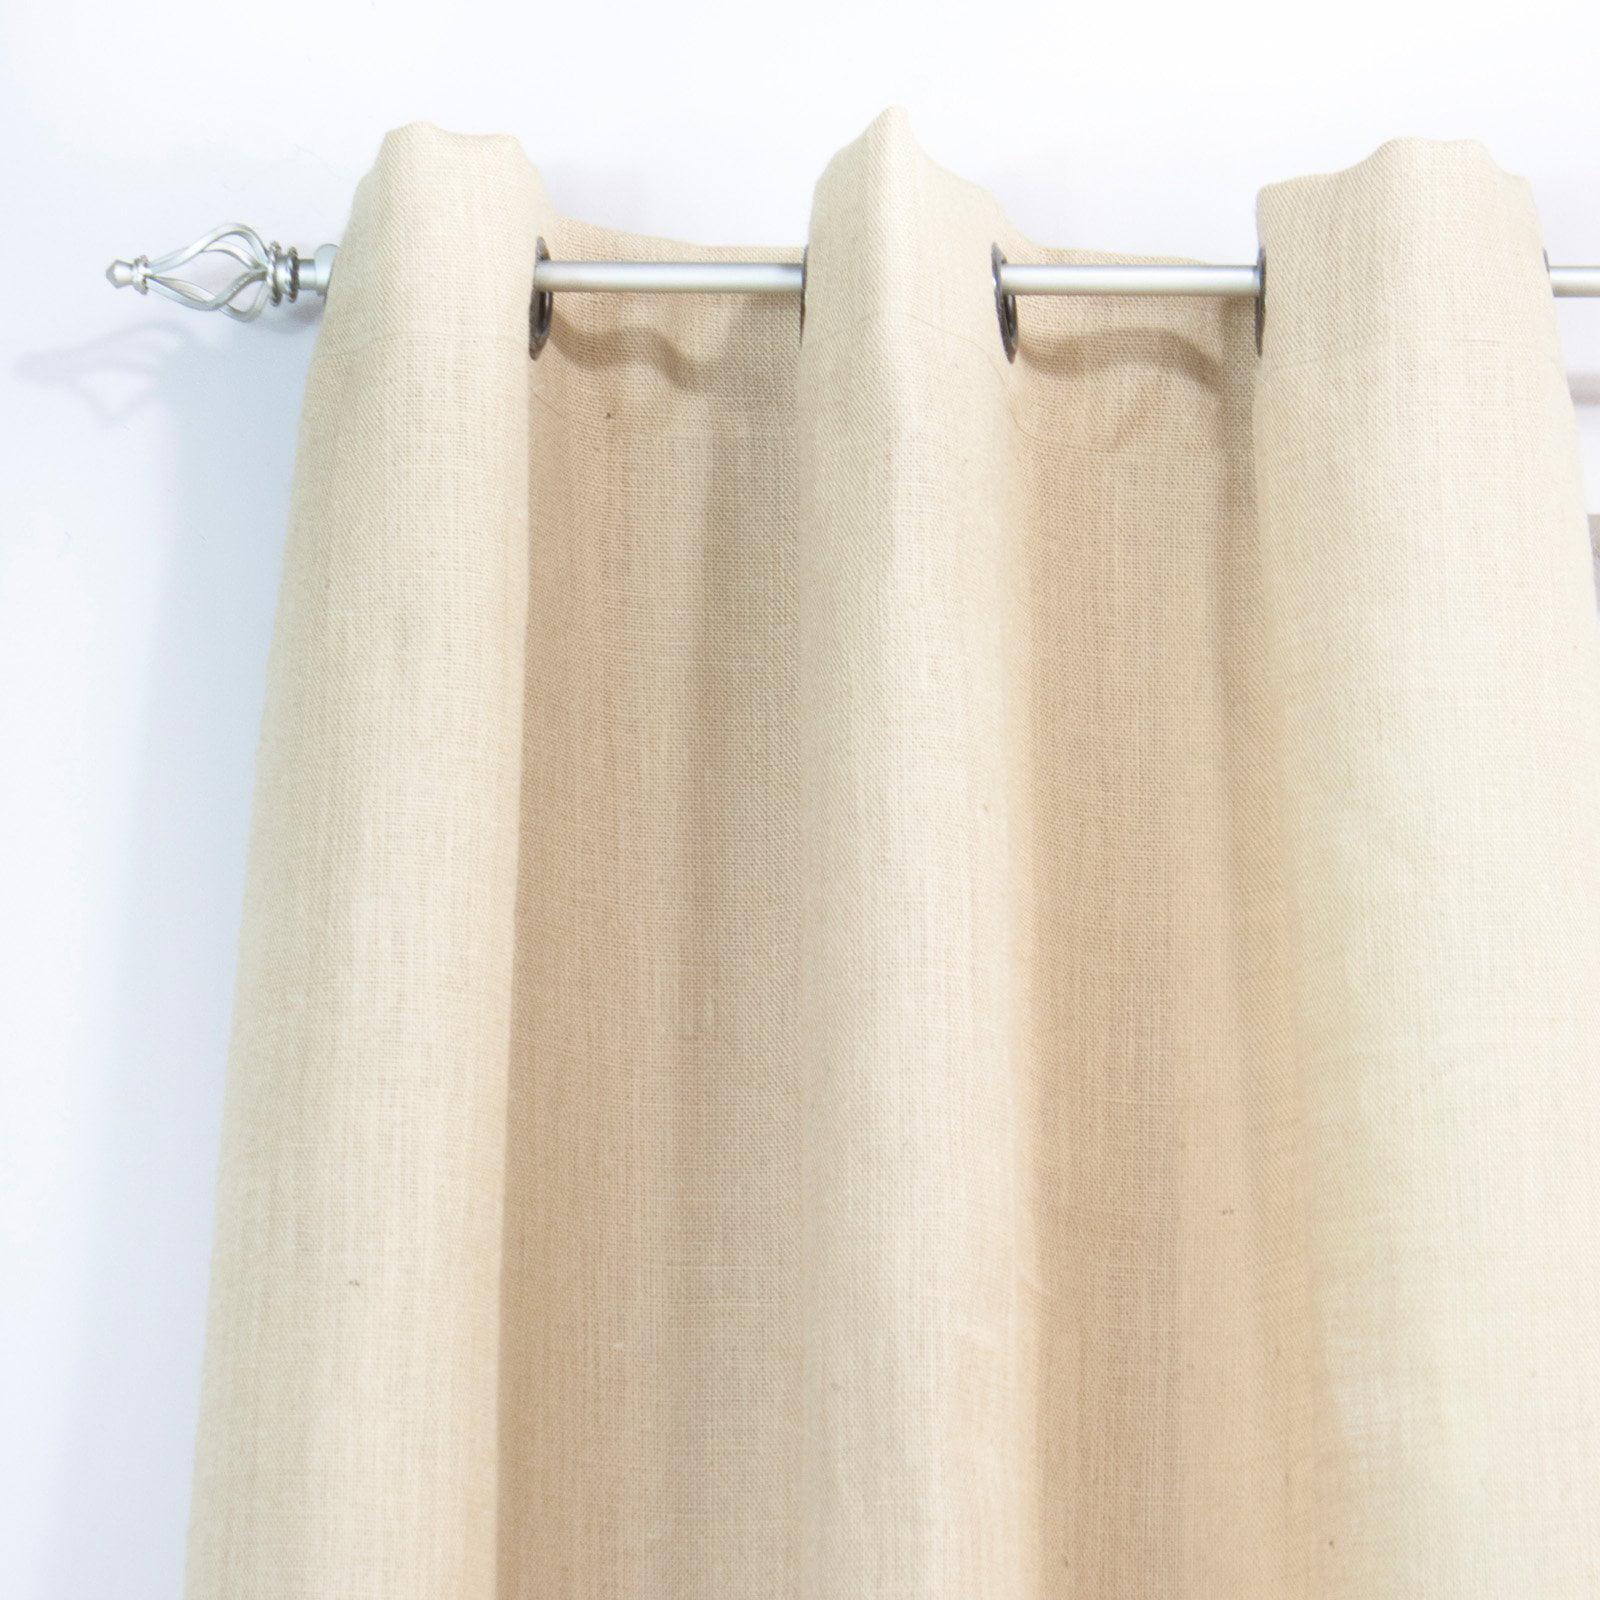 Brite Ideas Living Burlap Grommet Curtain Panel